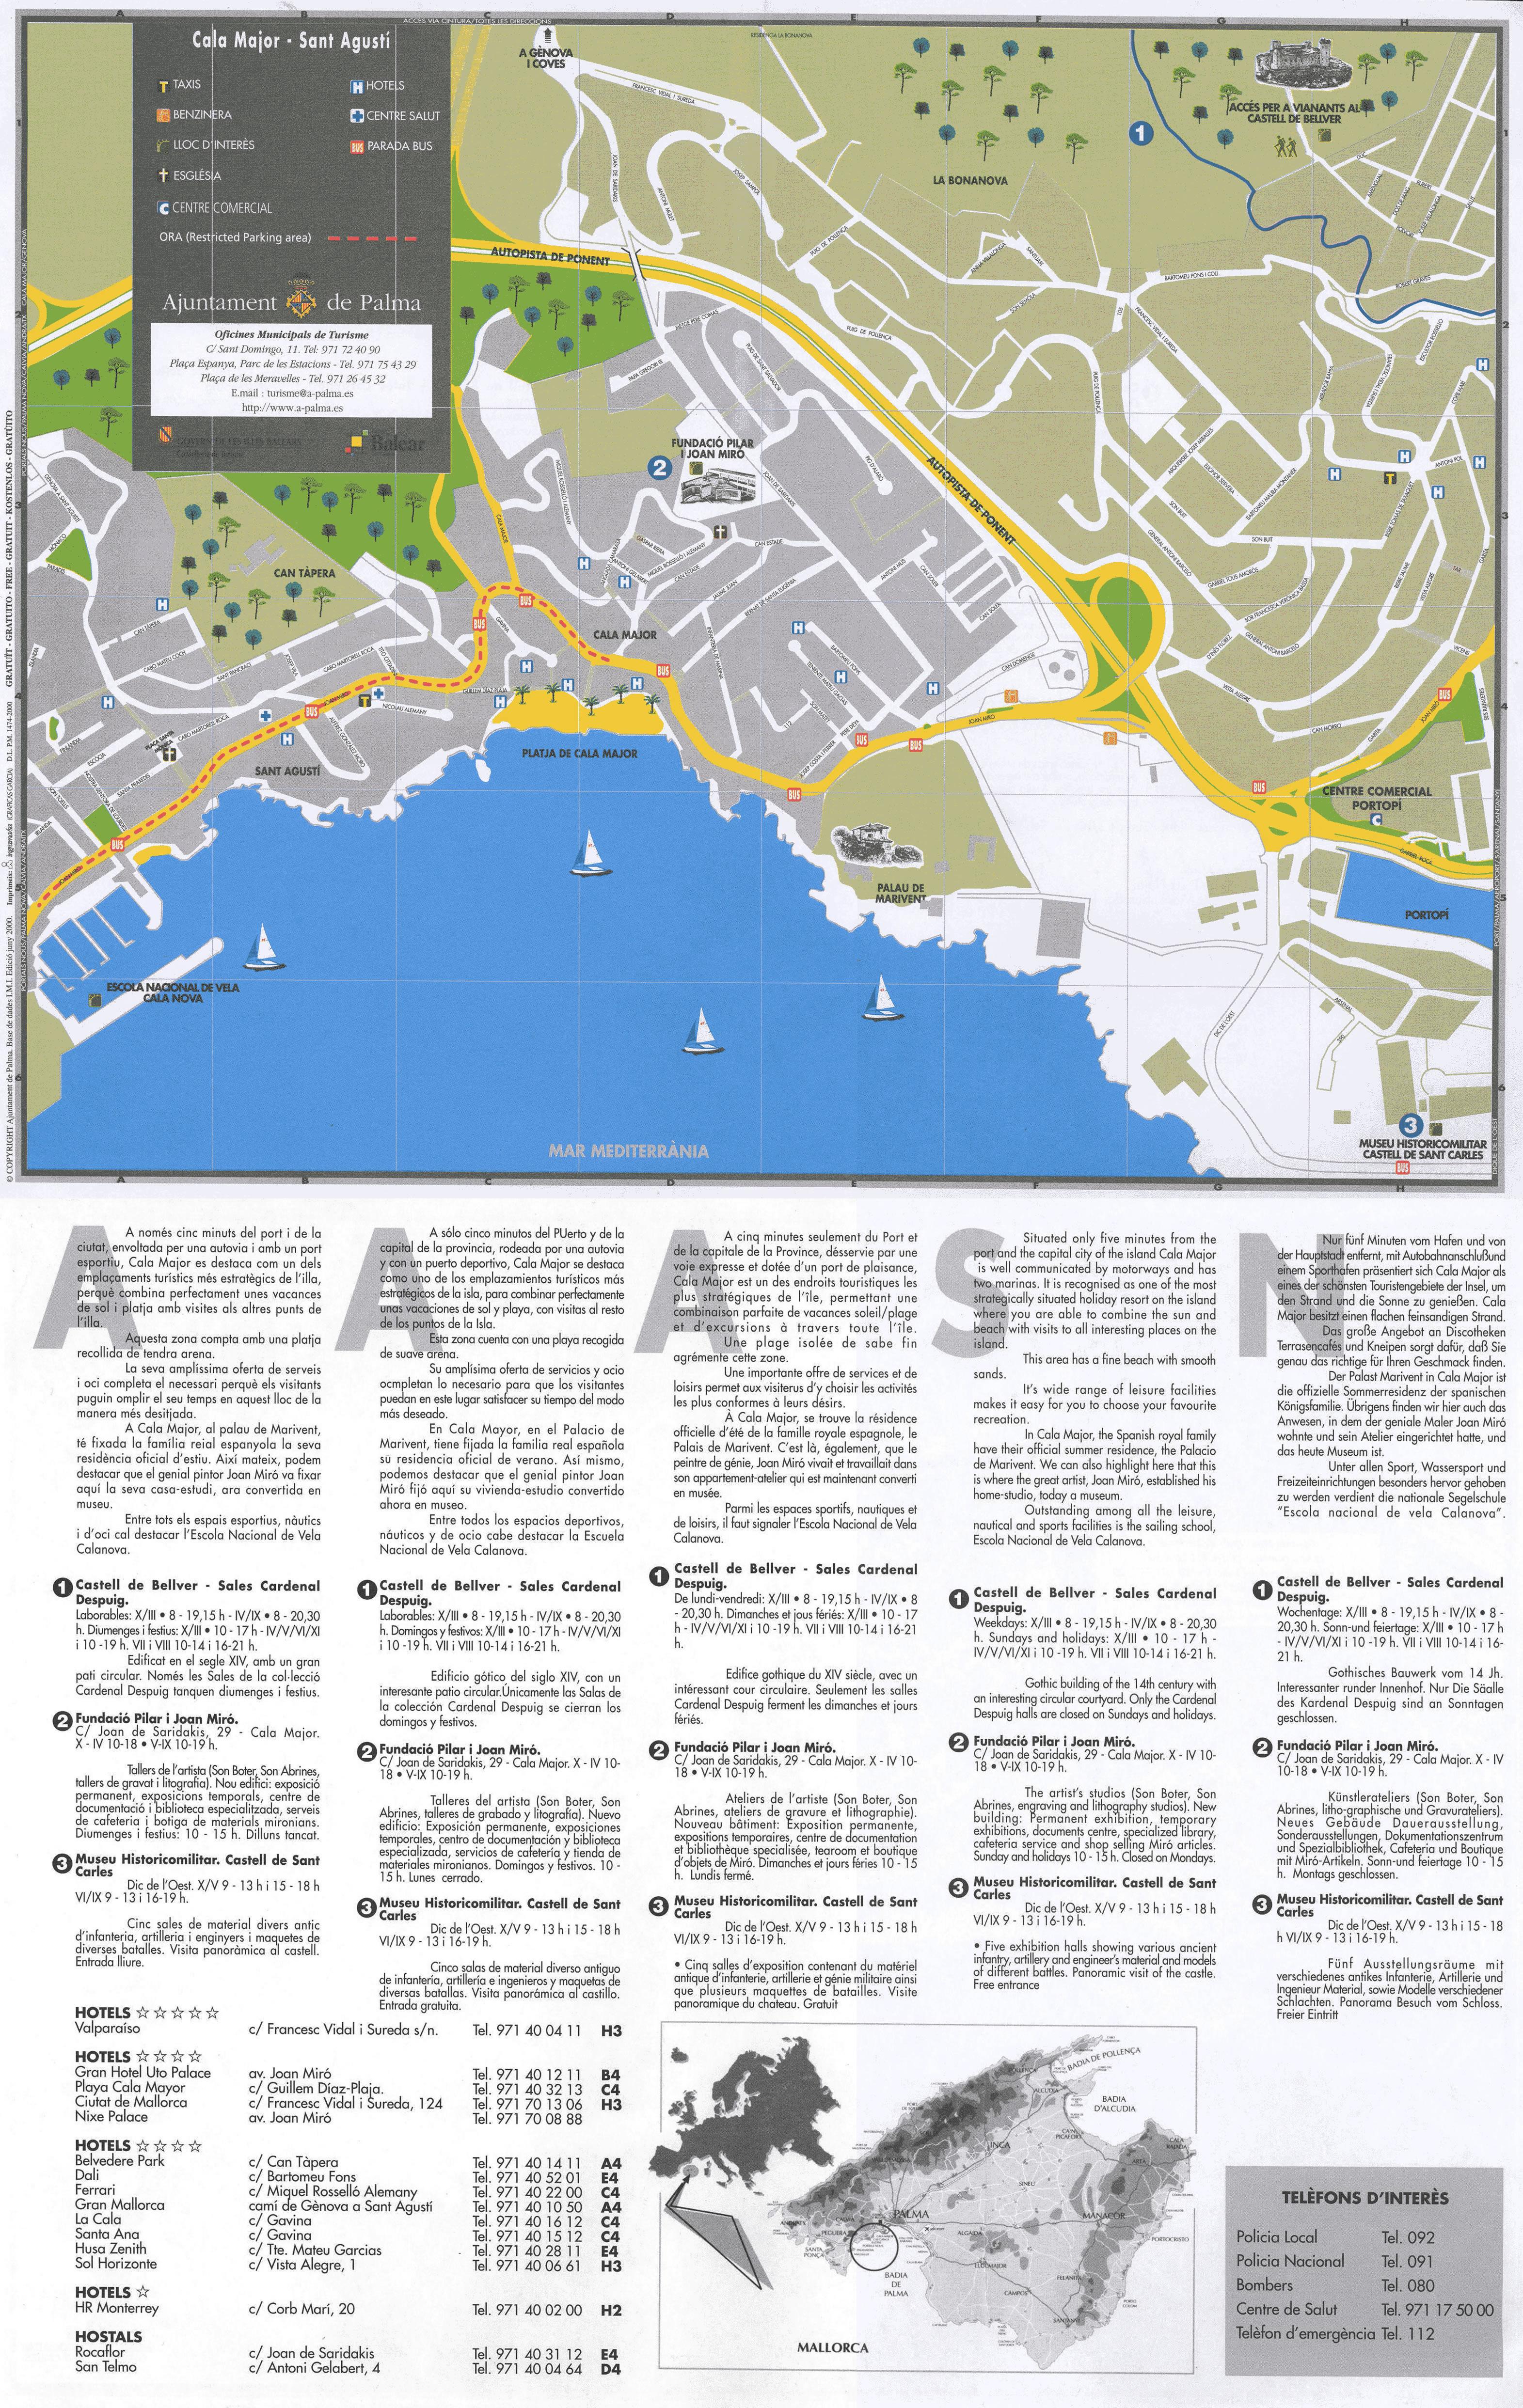 Mapa de los barrios de Cala Major y San Agustín 2000